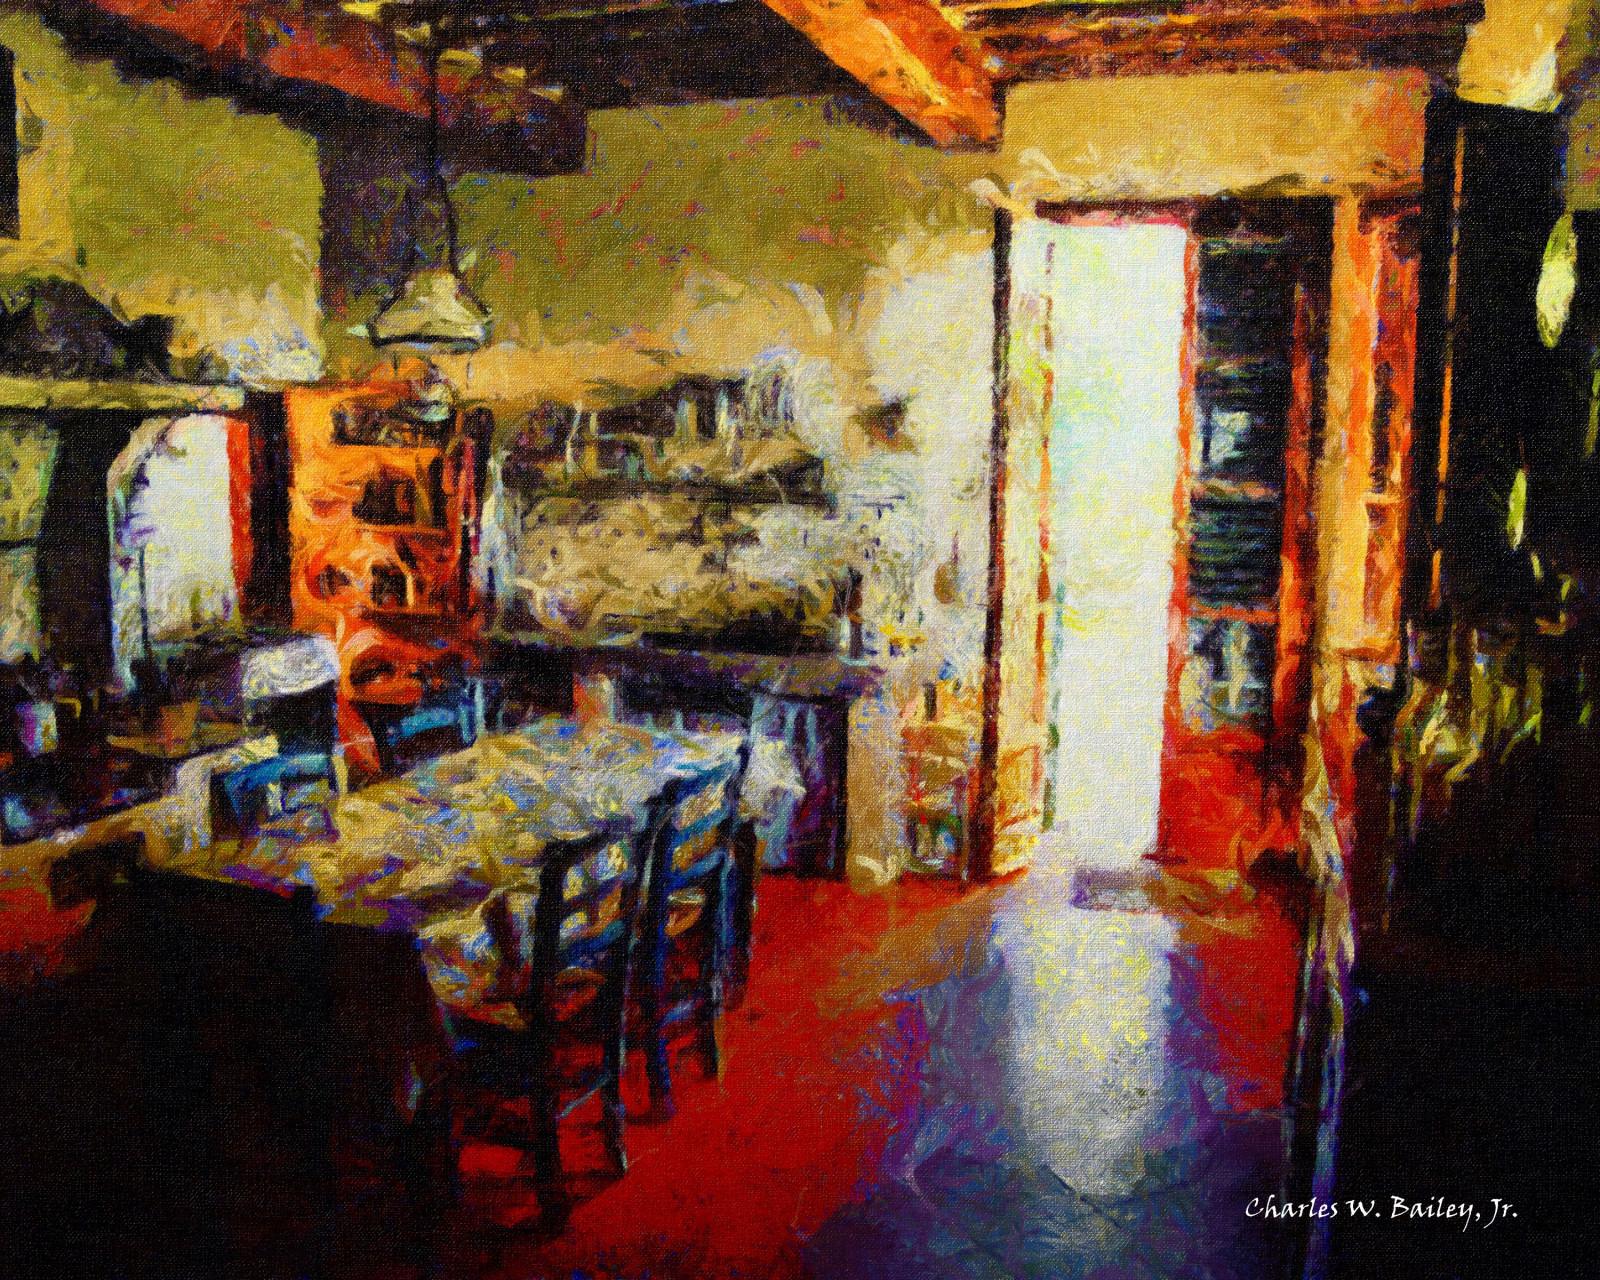 Fantastisch Hintergrundbilder : Malerei, Photoshop, Italien, Kunstwerk, Haus, Küche,  Auswirkungen, Linse, Haut, Toskana, Dynamisch, KUNST, Belichtung, Foto,  Farbe, 3, ...